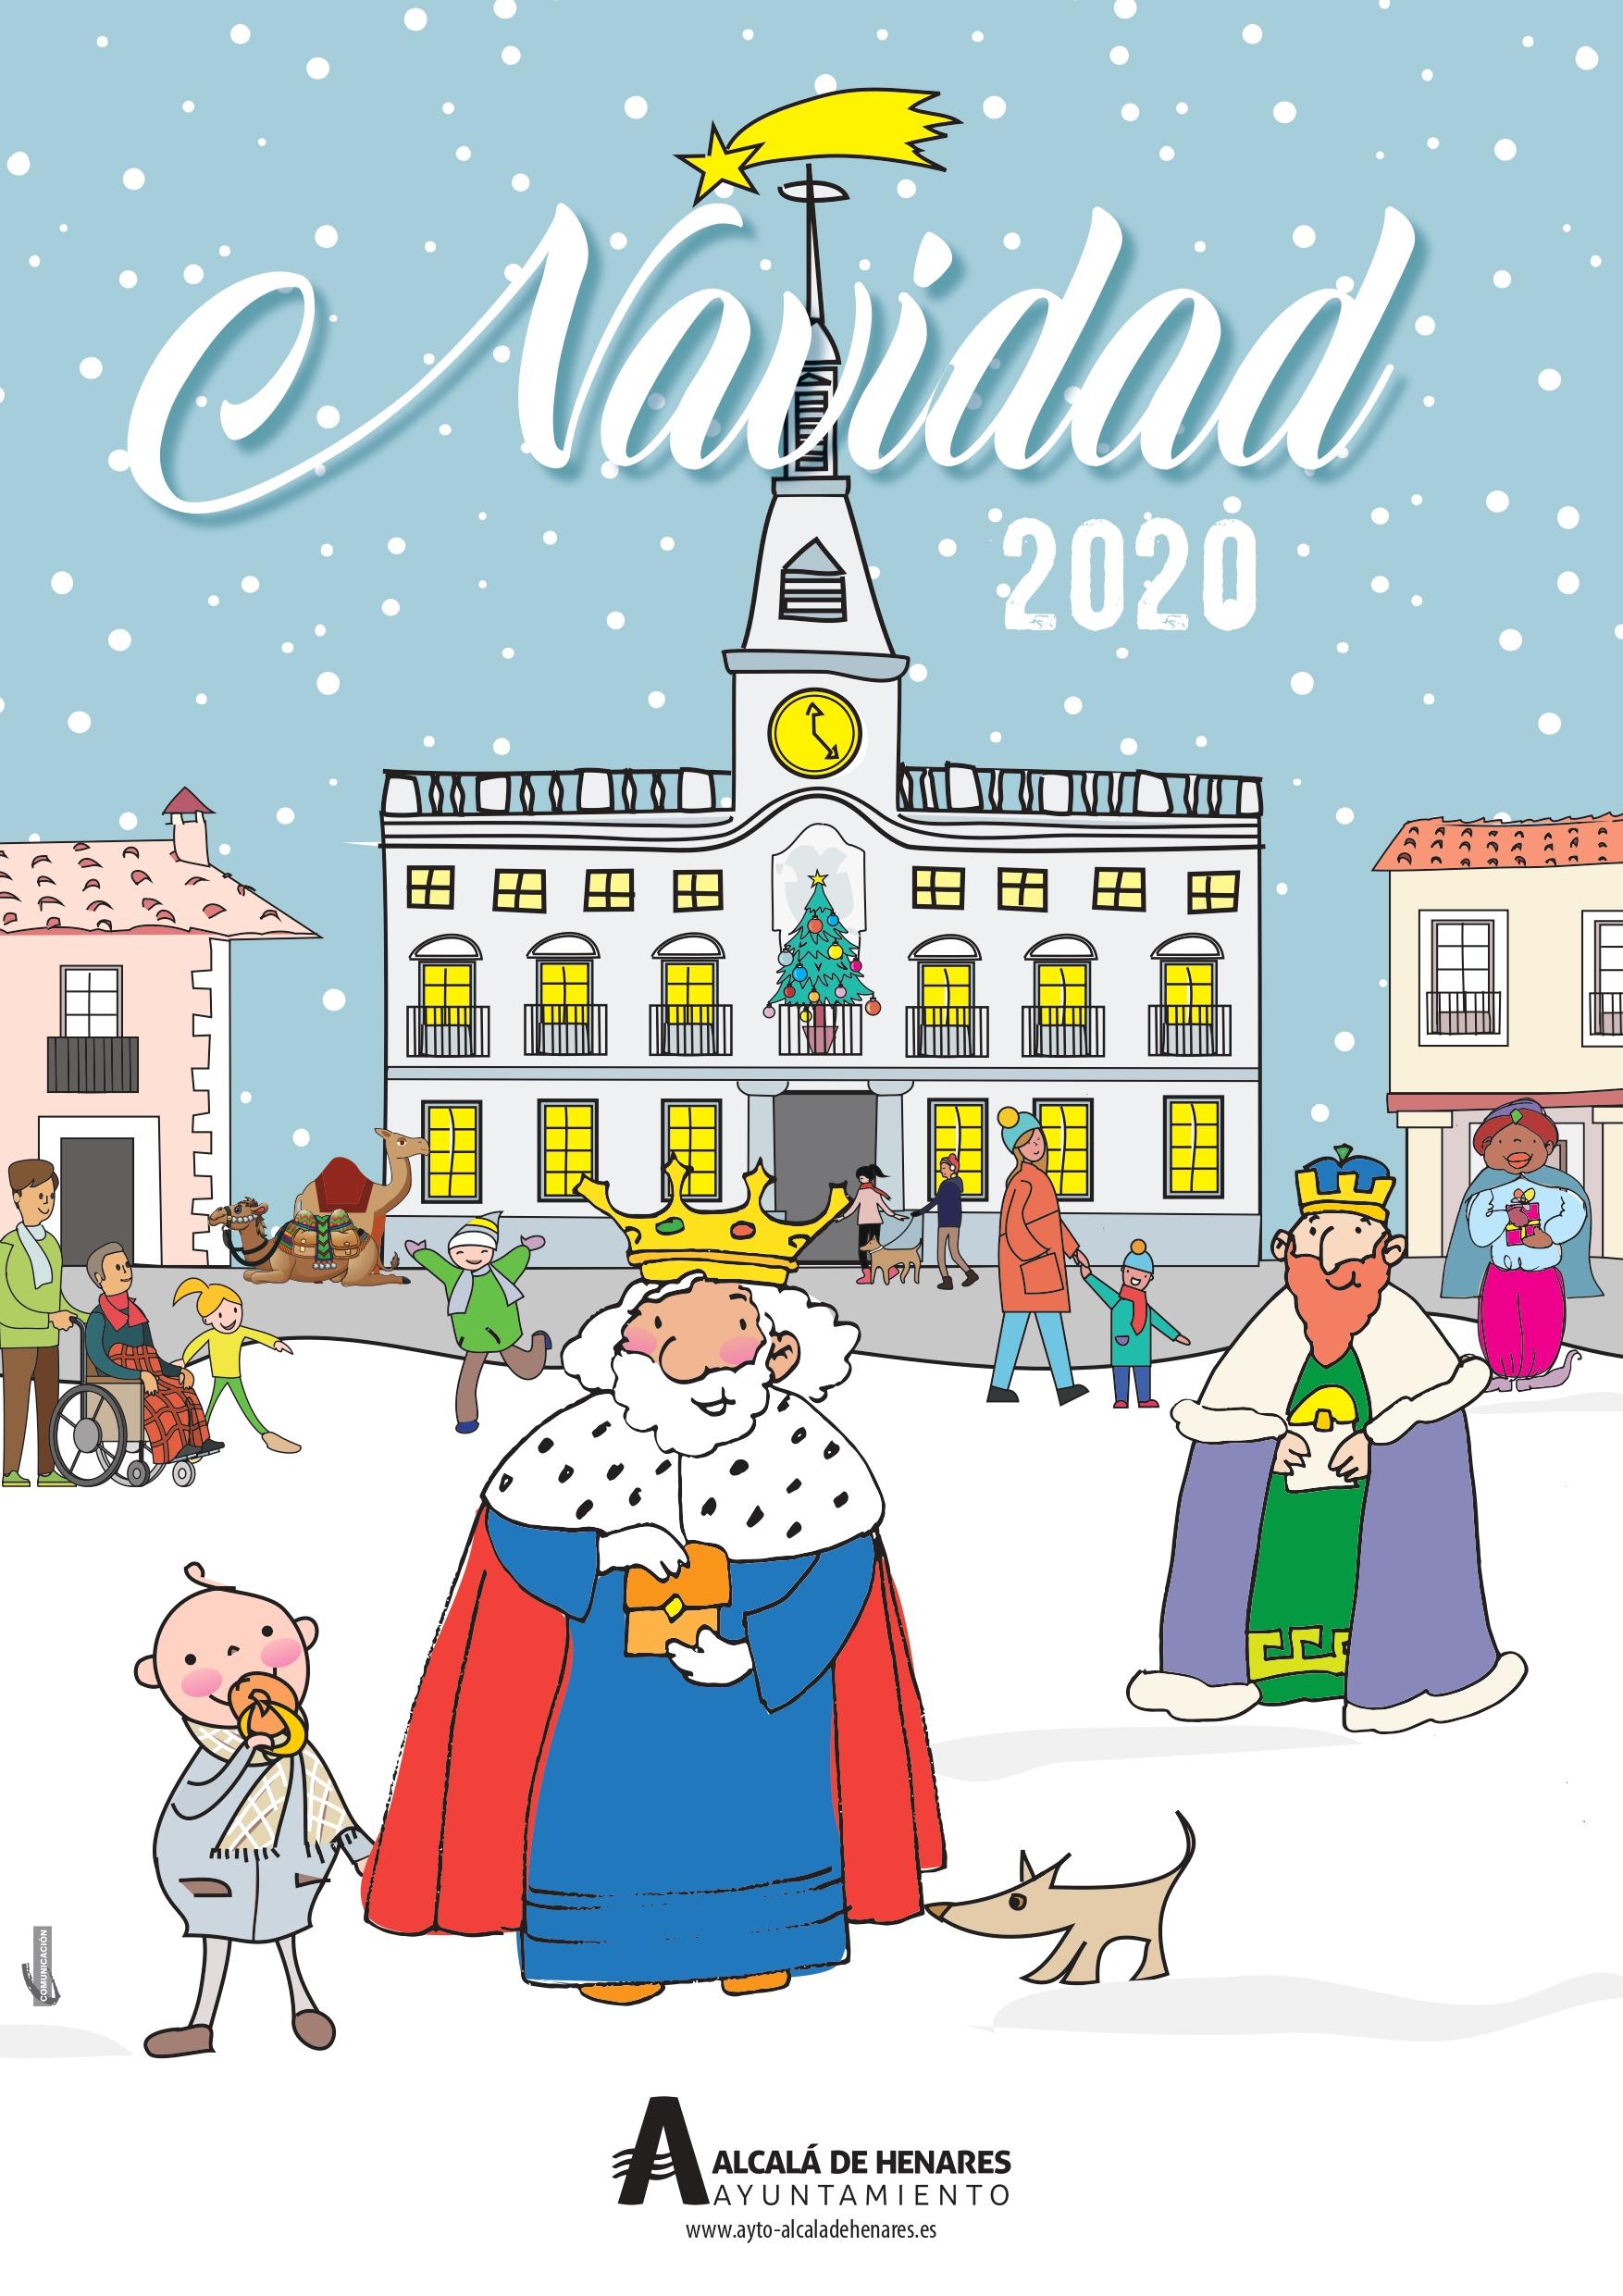 Navidad 2020 en Alcalá de Henares